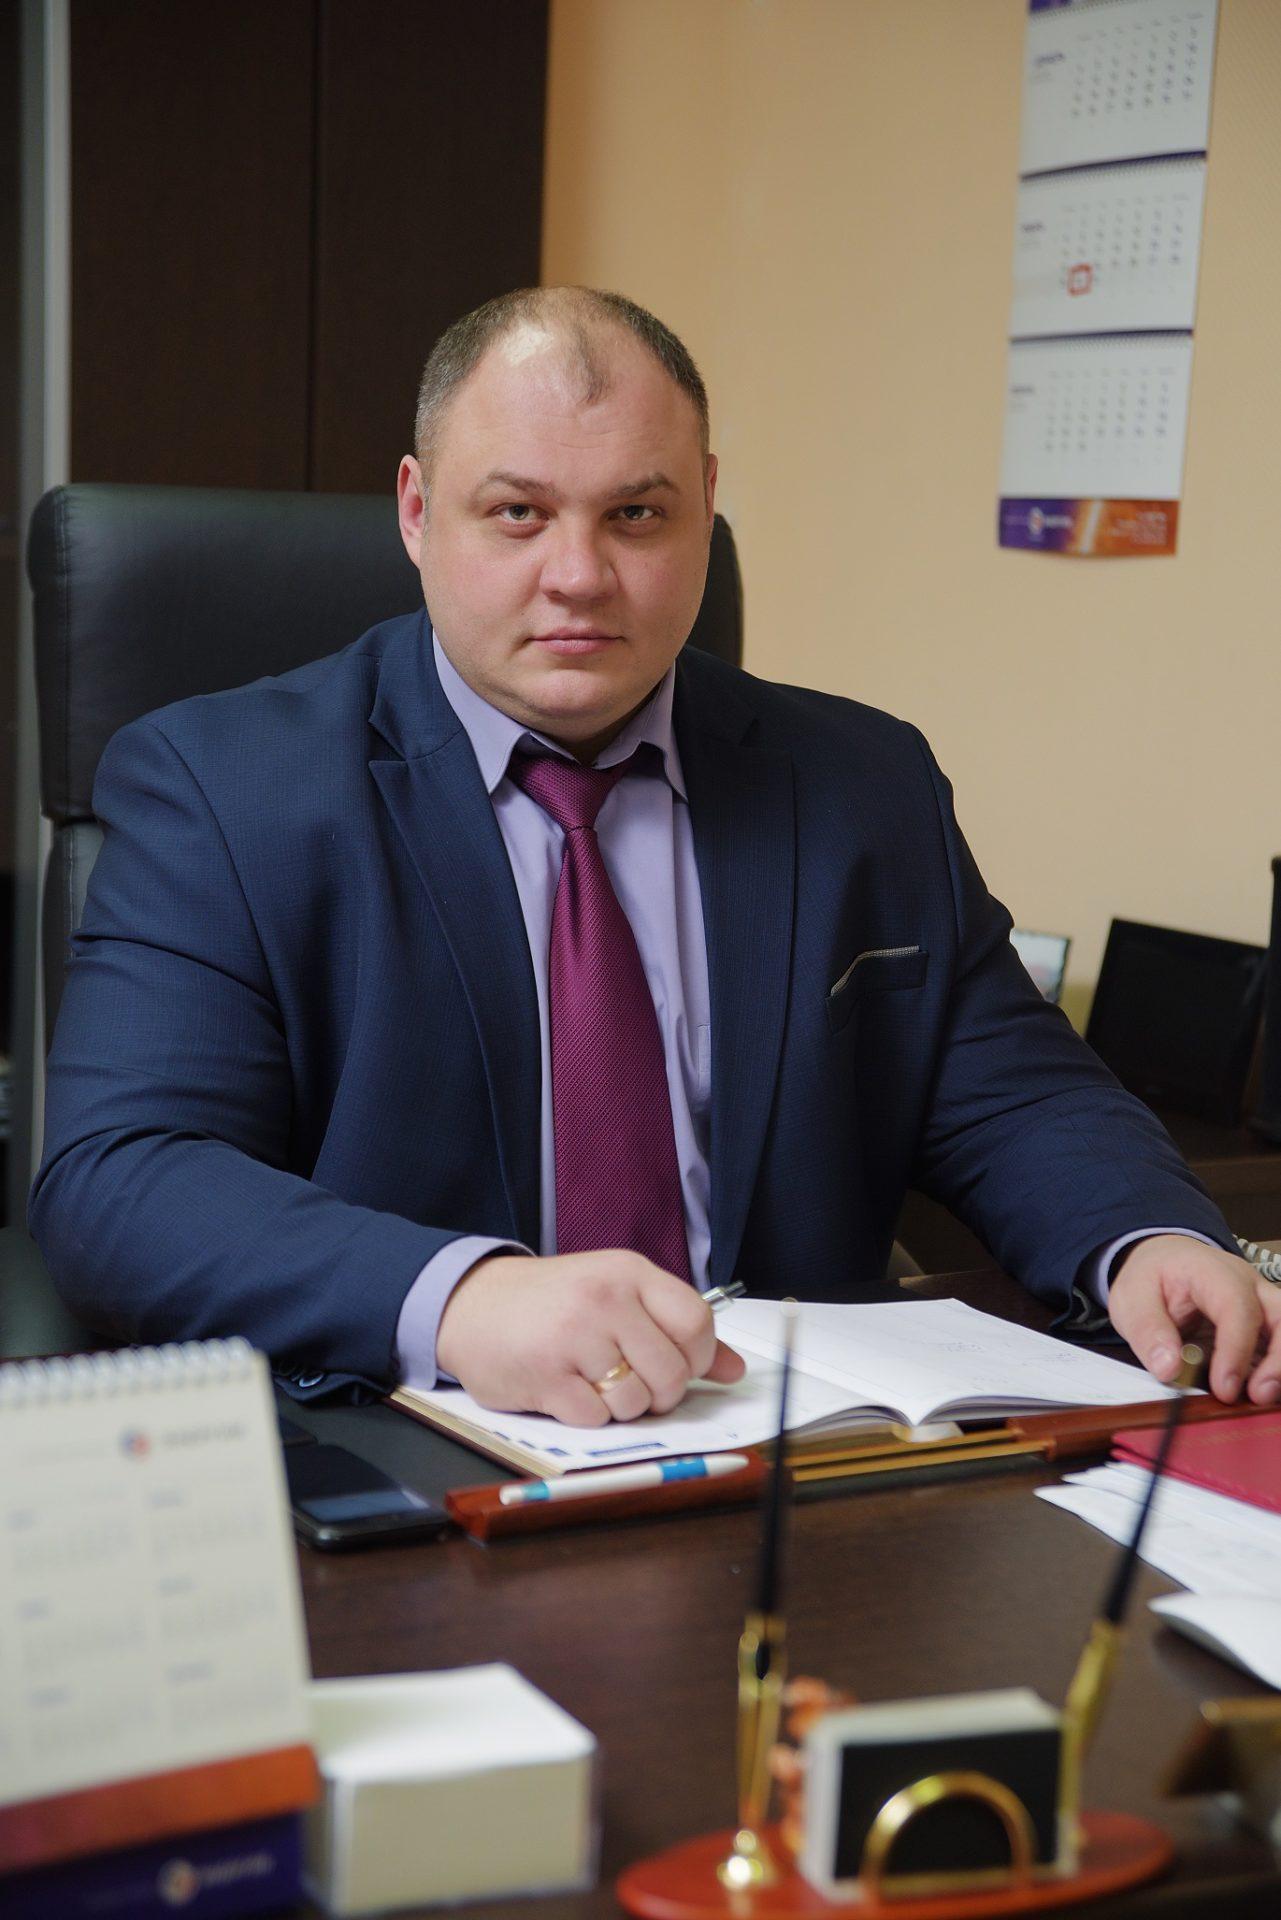 Ассоциация строителей АЯМ поздравляет с Днем государственности Якутии